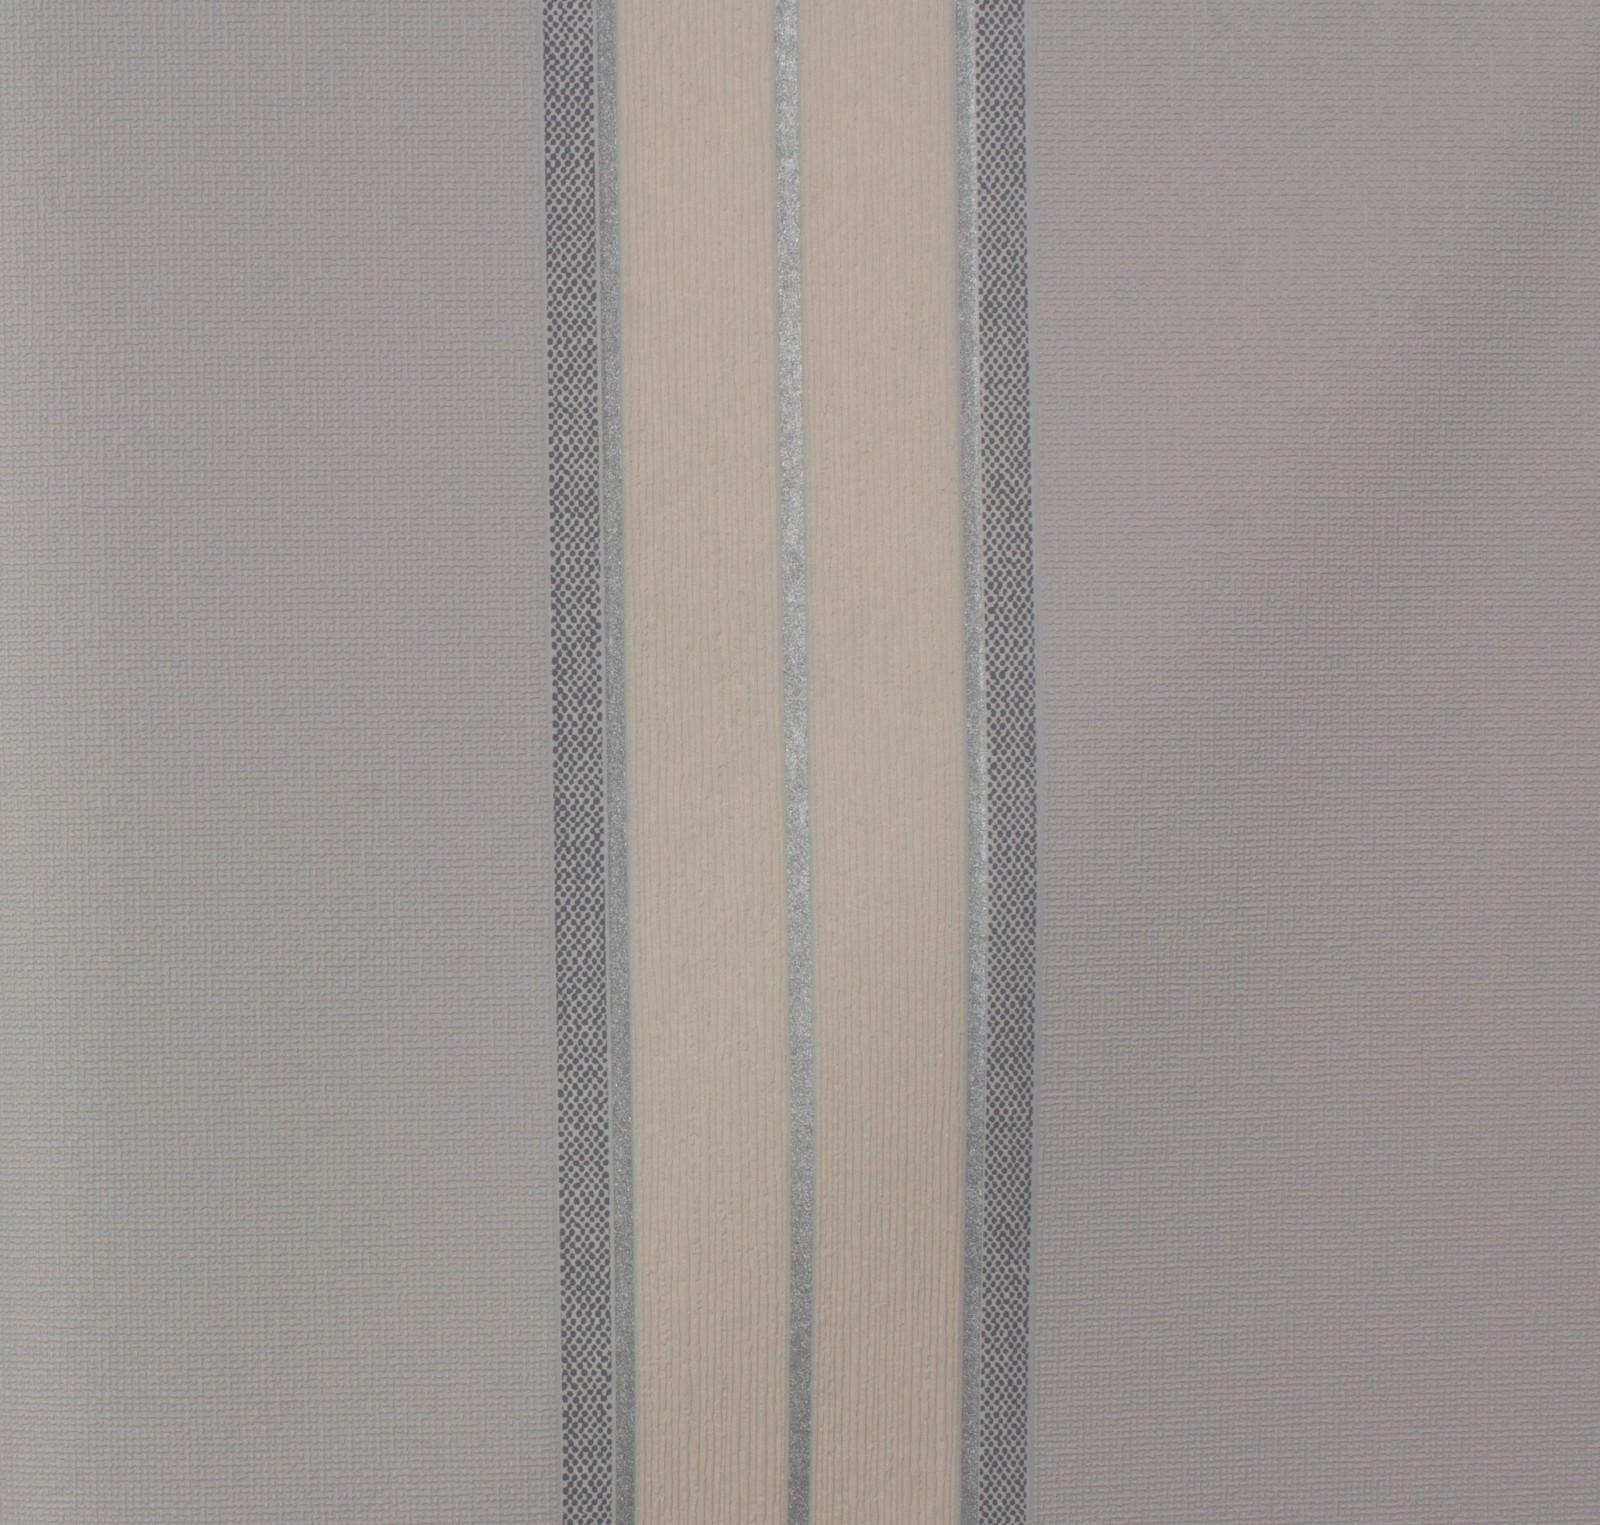 tapete graham brown streifen grau beige 32 443. Black Bedroom Furniture Sets. Home Design Ideas